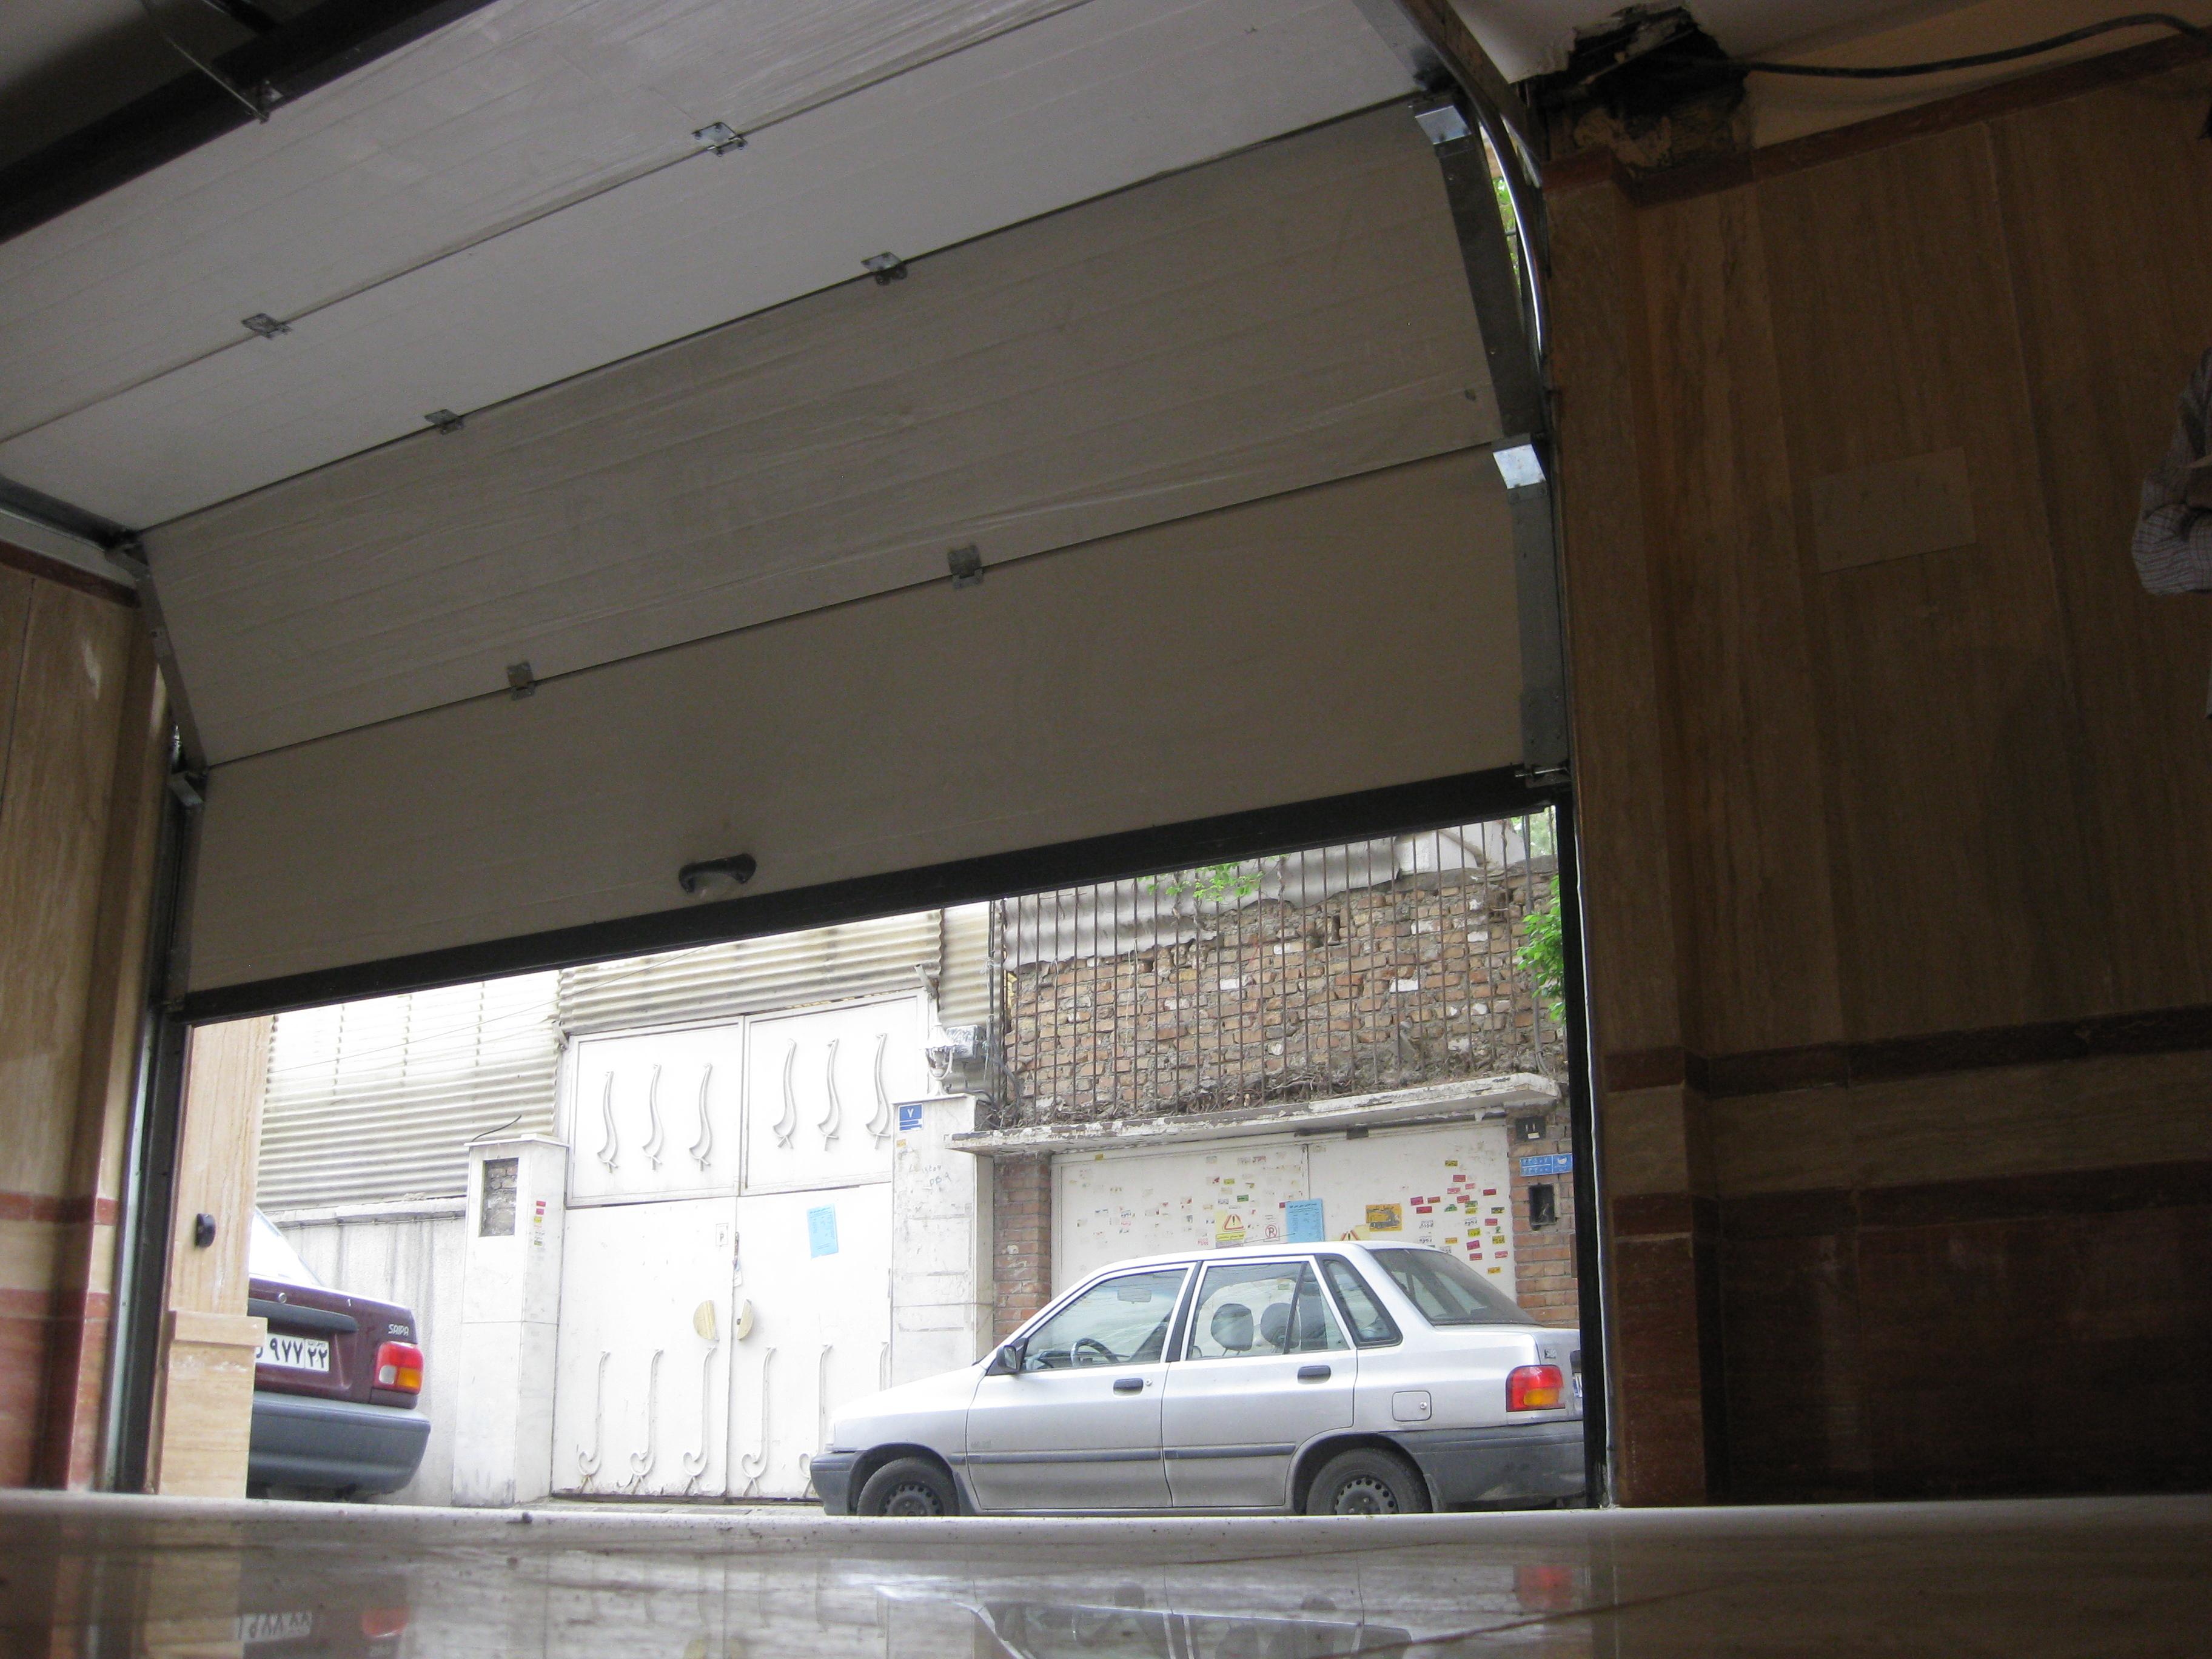 درب اتوماتیک زیر سقفی - در سکشنال   ایران فیدار